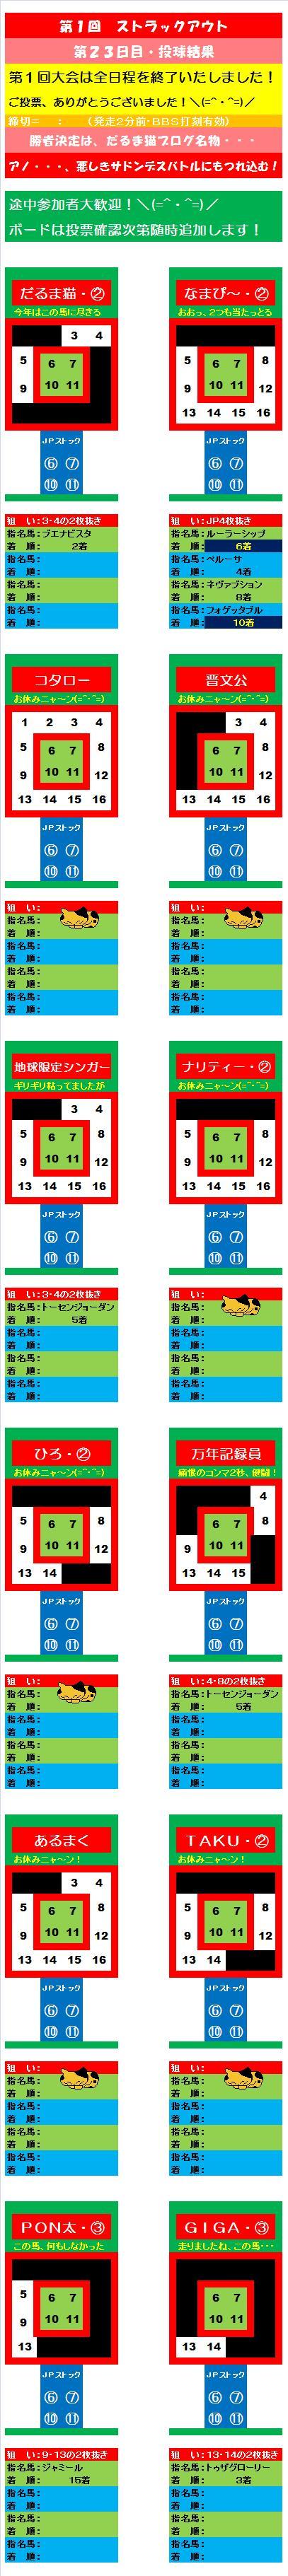 20101229・ストラックアウト第1回大会確定ボード表.jpg